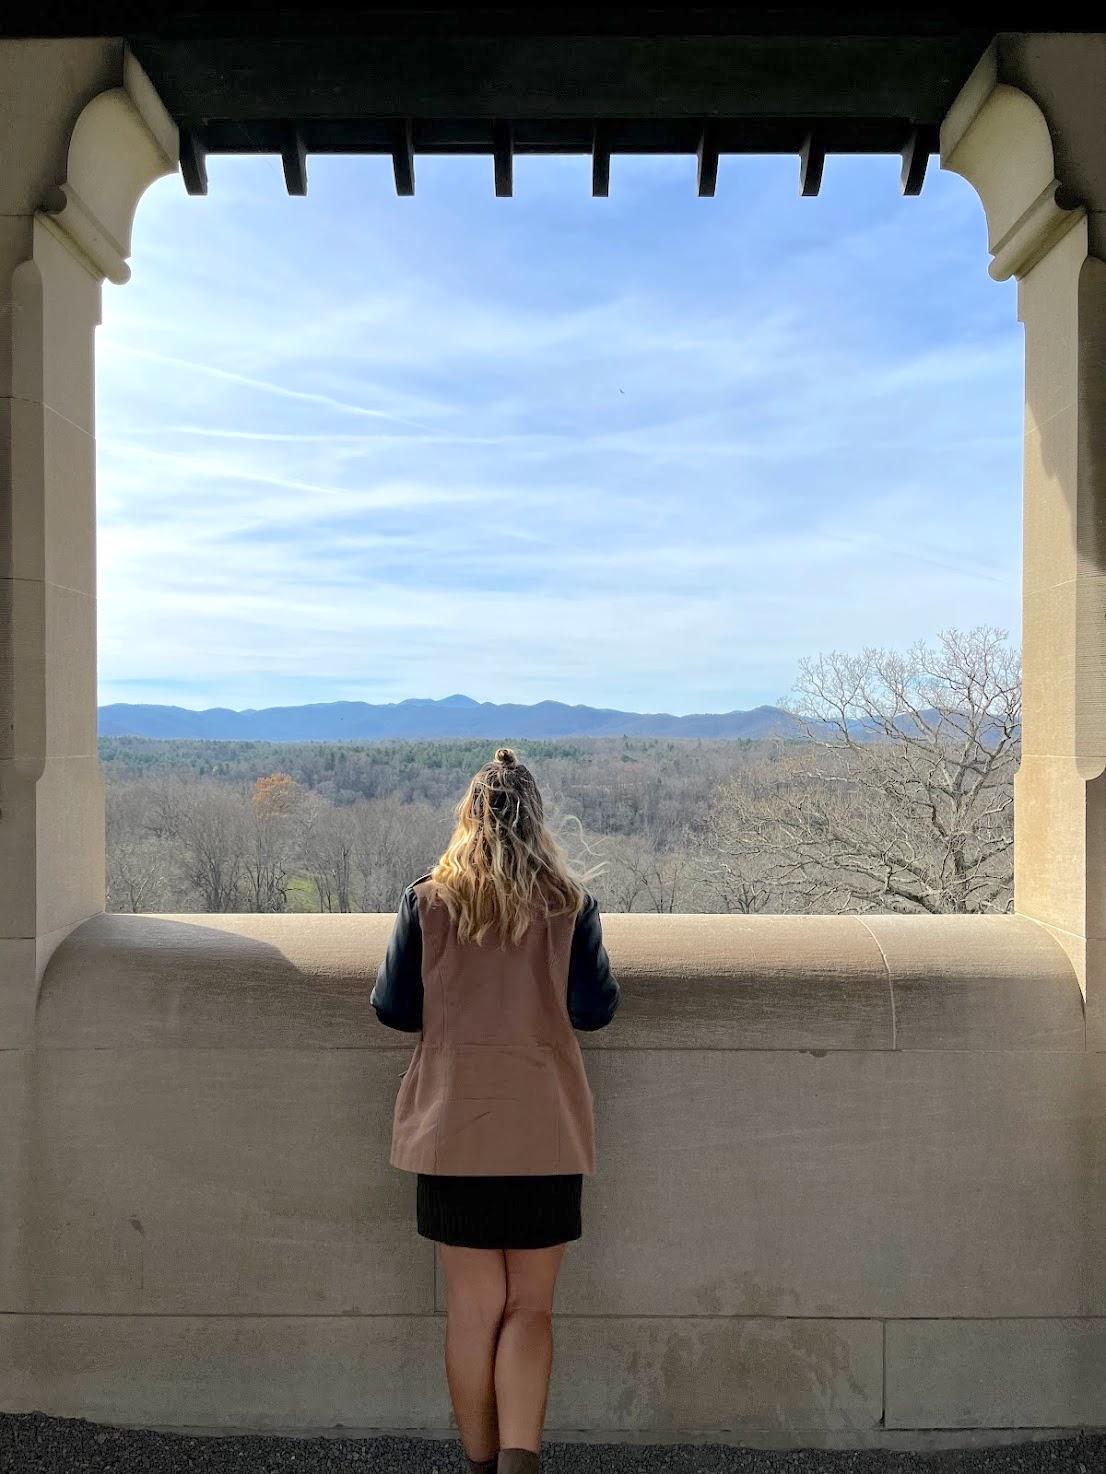 Views at the Biltmore Estate